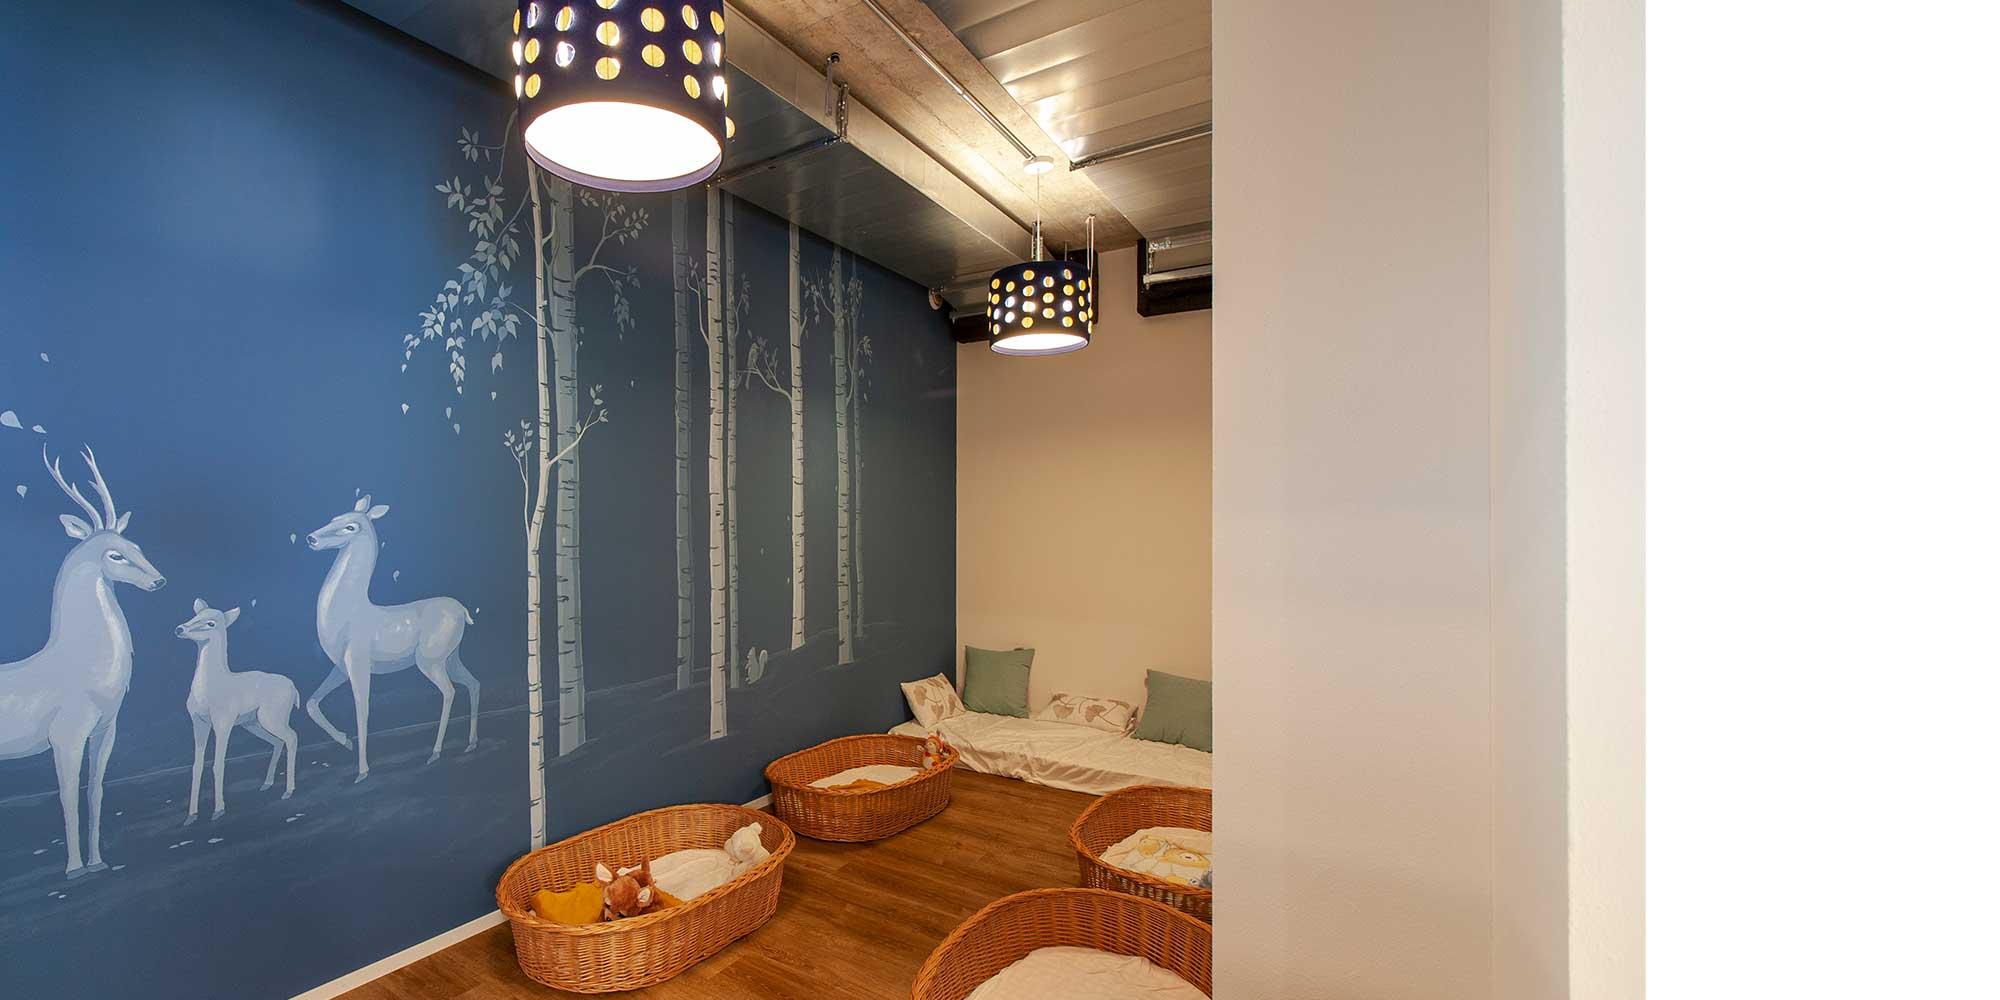 Das Schlafzimmer der kleinsten in der Kita Wundergarten wurden passende Textilpendelleuchten augewählt. Stoffpendelleuchten sind eine spezialanfertigung durch mabalux gemacht